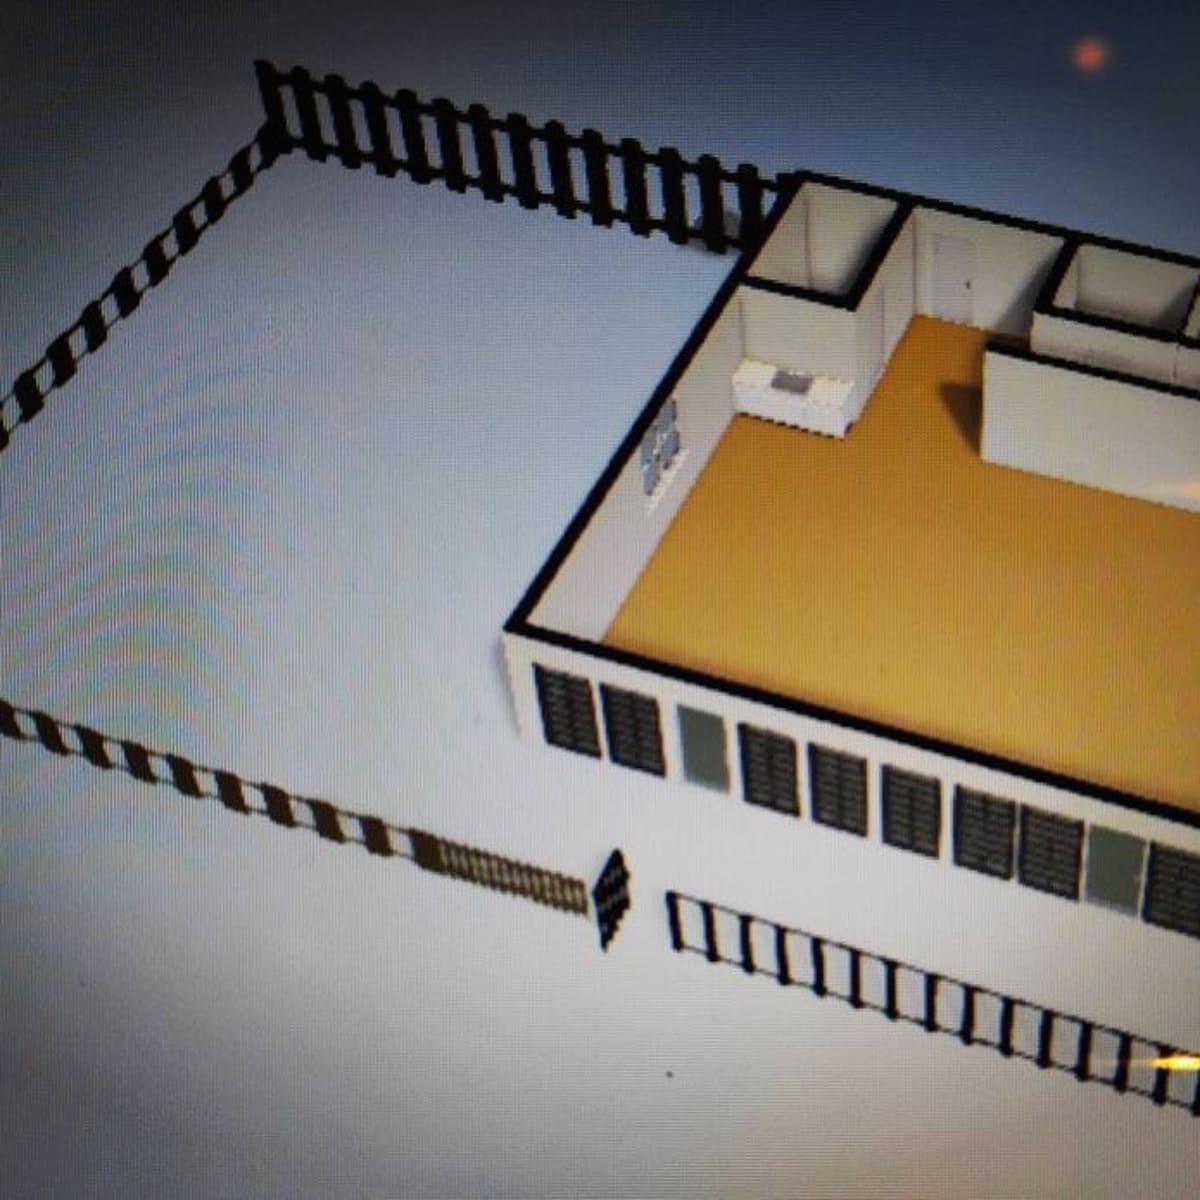 Slowpokes rendering